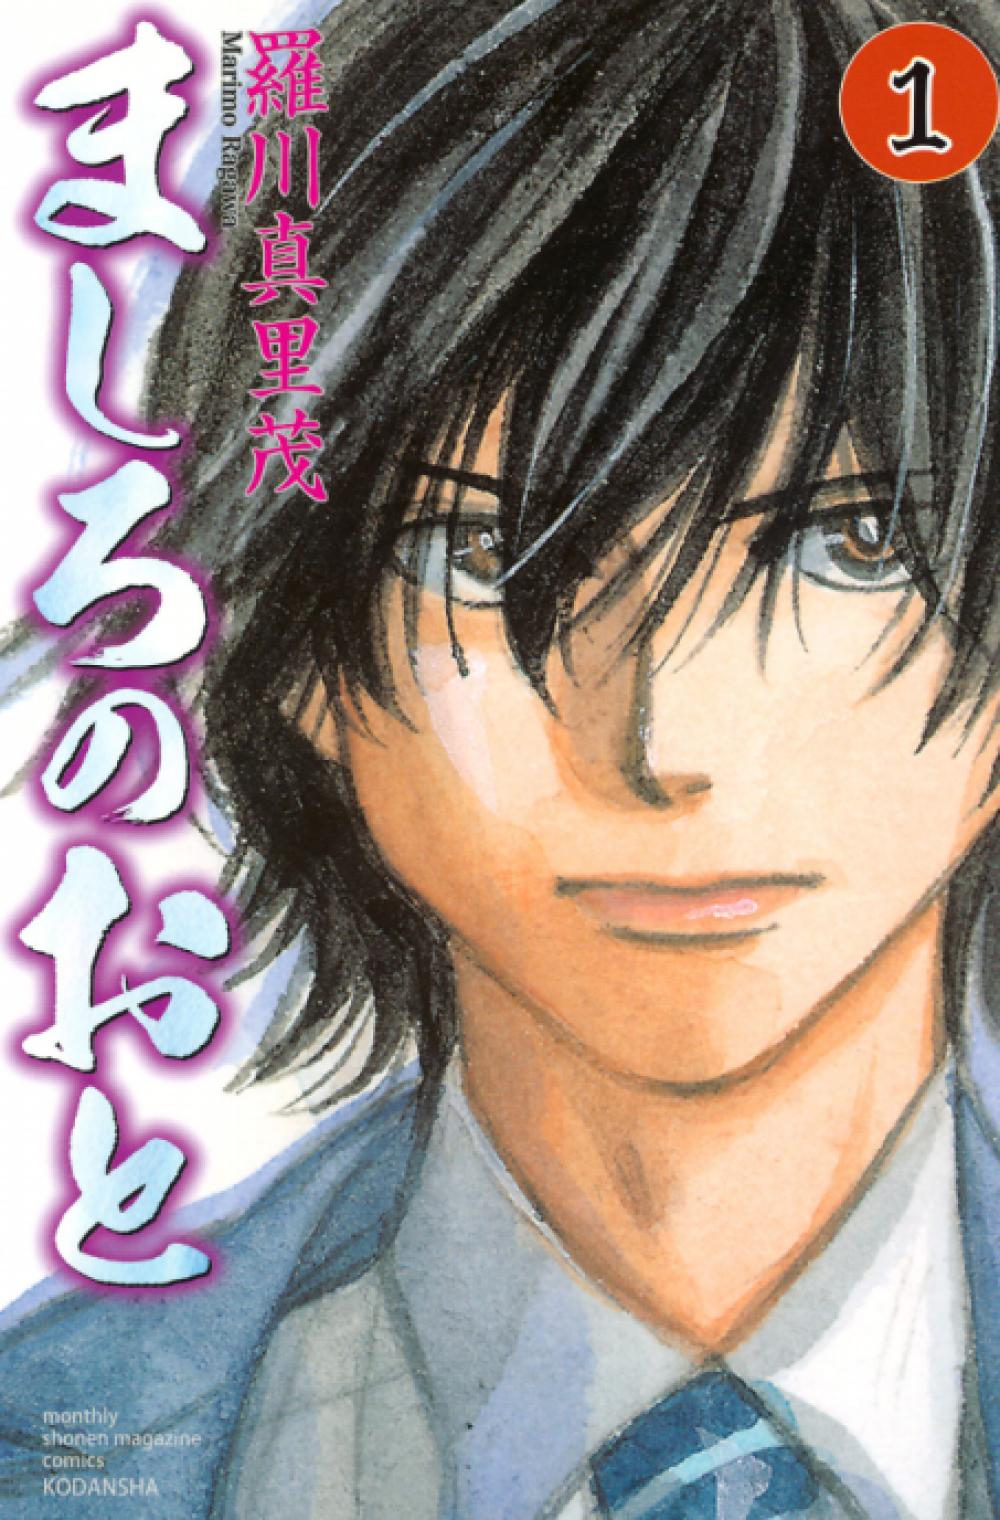 Mashiro no Oto – Those Snow White Notes